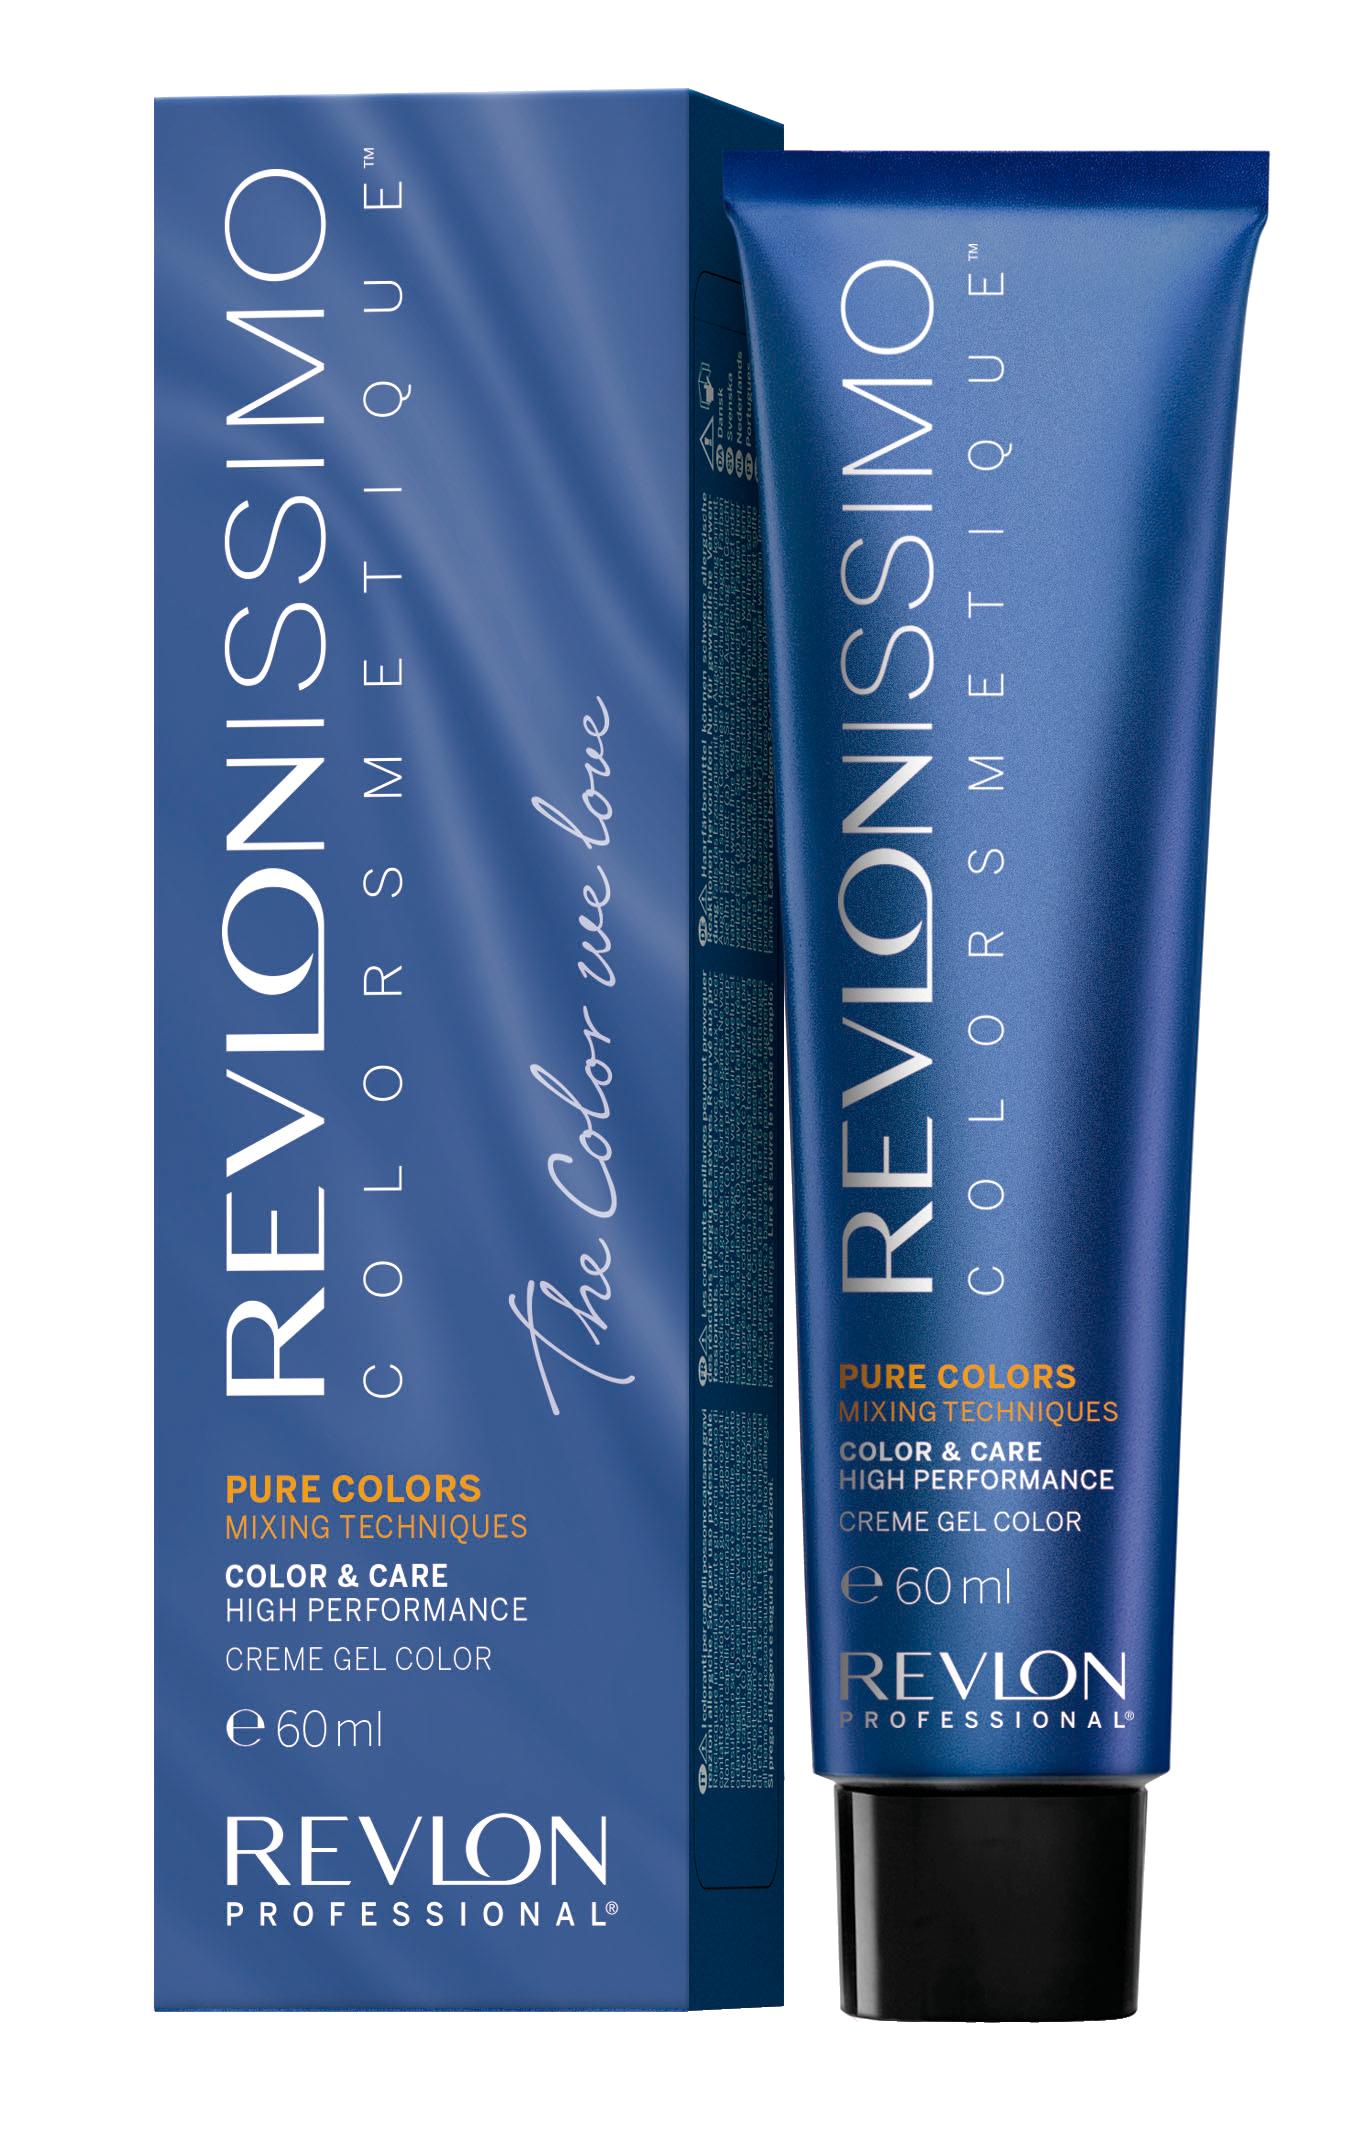 REVLON Professional 900 краска для волос, фуксия / RP REVLONISSIMO COLORSMETIQUE PURE COLORS 60 мл revlon краситель перманентный 7 44 блондин гипер медный rp revlonissimo colorsmetique 60 мл